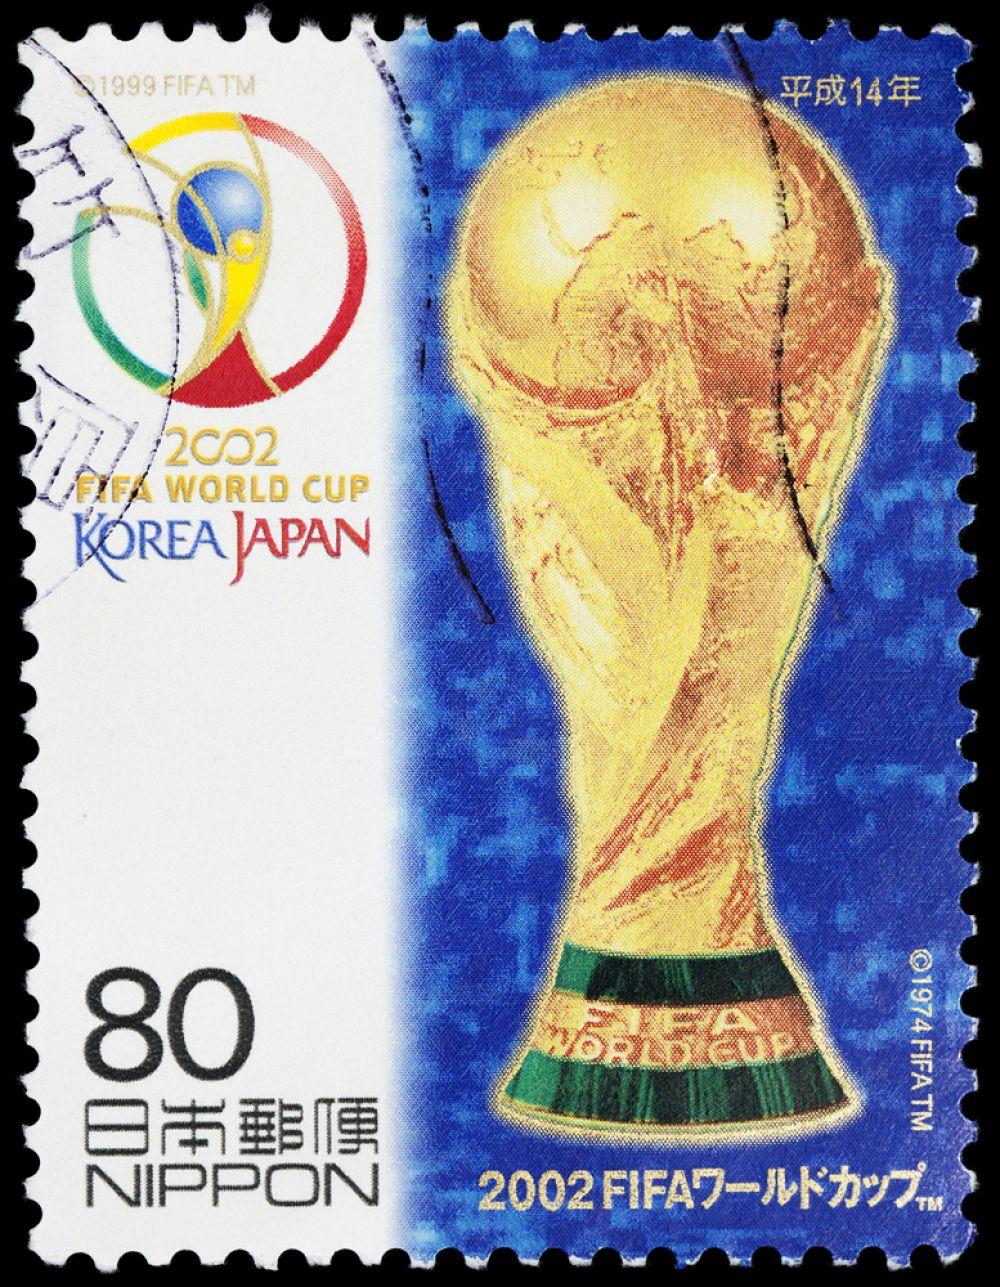 ЧМ-2002 в Южной Корее и Японии. Сборная Бразилии стала пятикратным чемпионом мира, обыграв в решающем матче команду Германии.